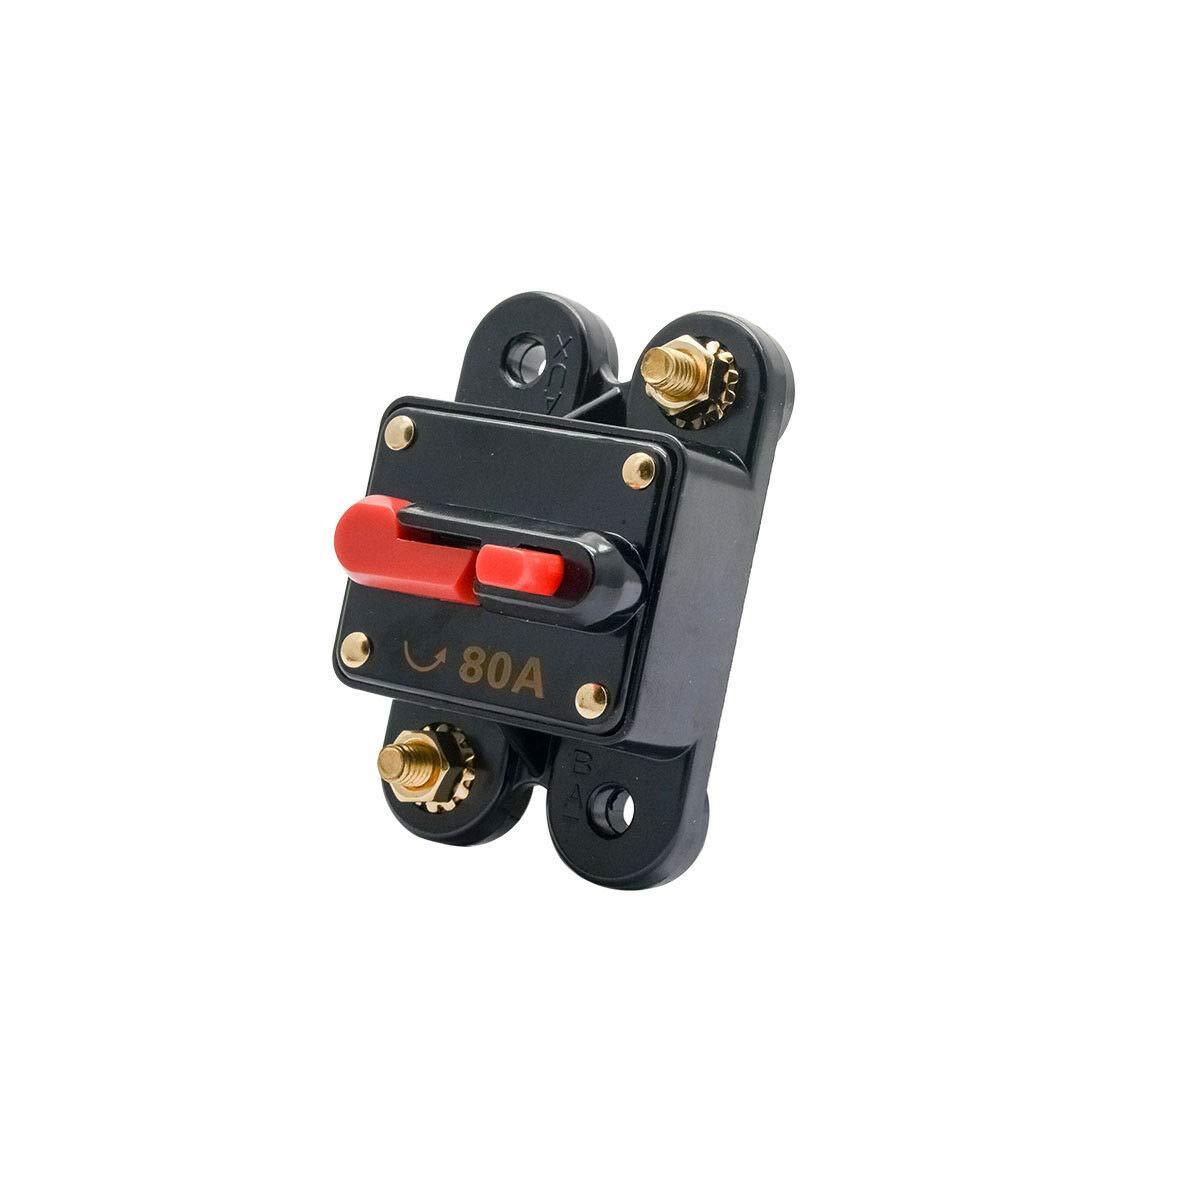 Leistungsschalter Reset Sicherung DC 12V MASO Leistungsschalter f/ür Auto Marine Boat Bike Stereo Audio Reset Sicherung 30A